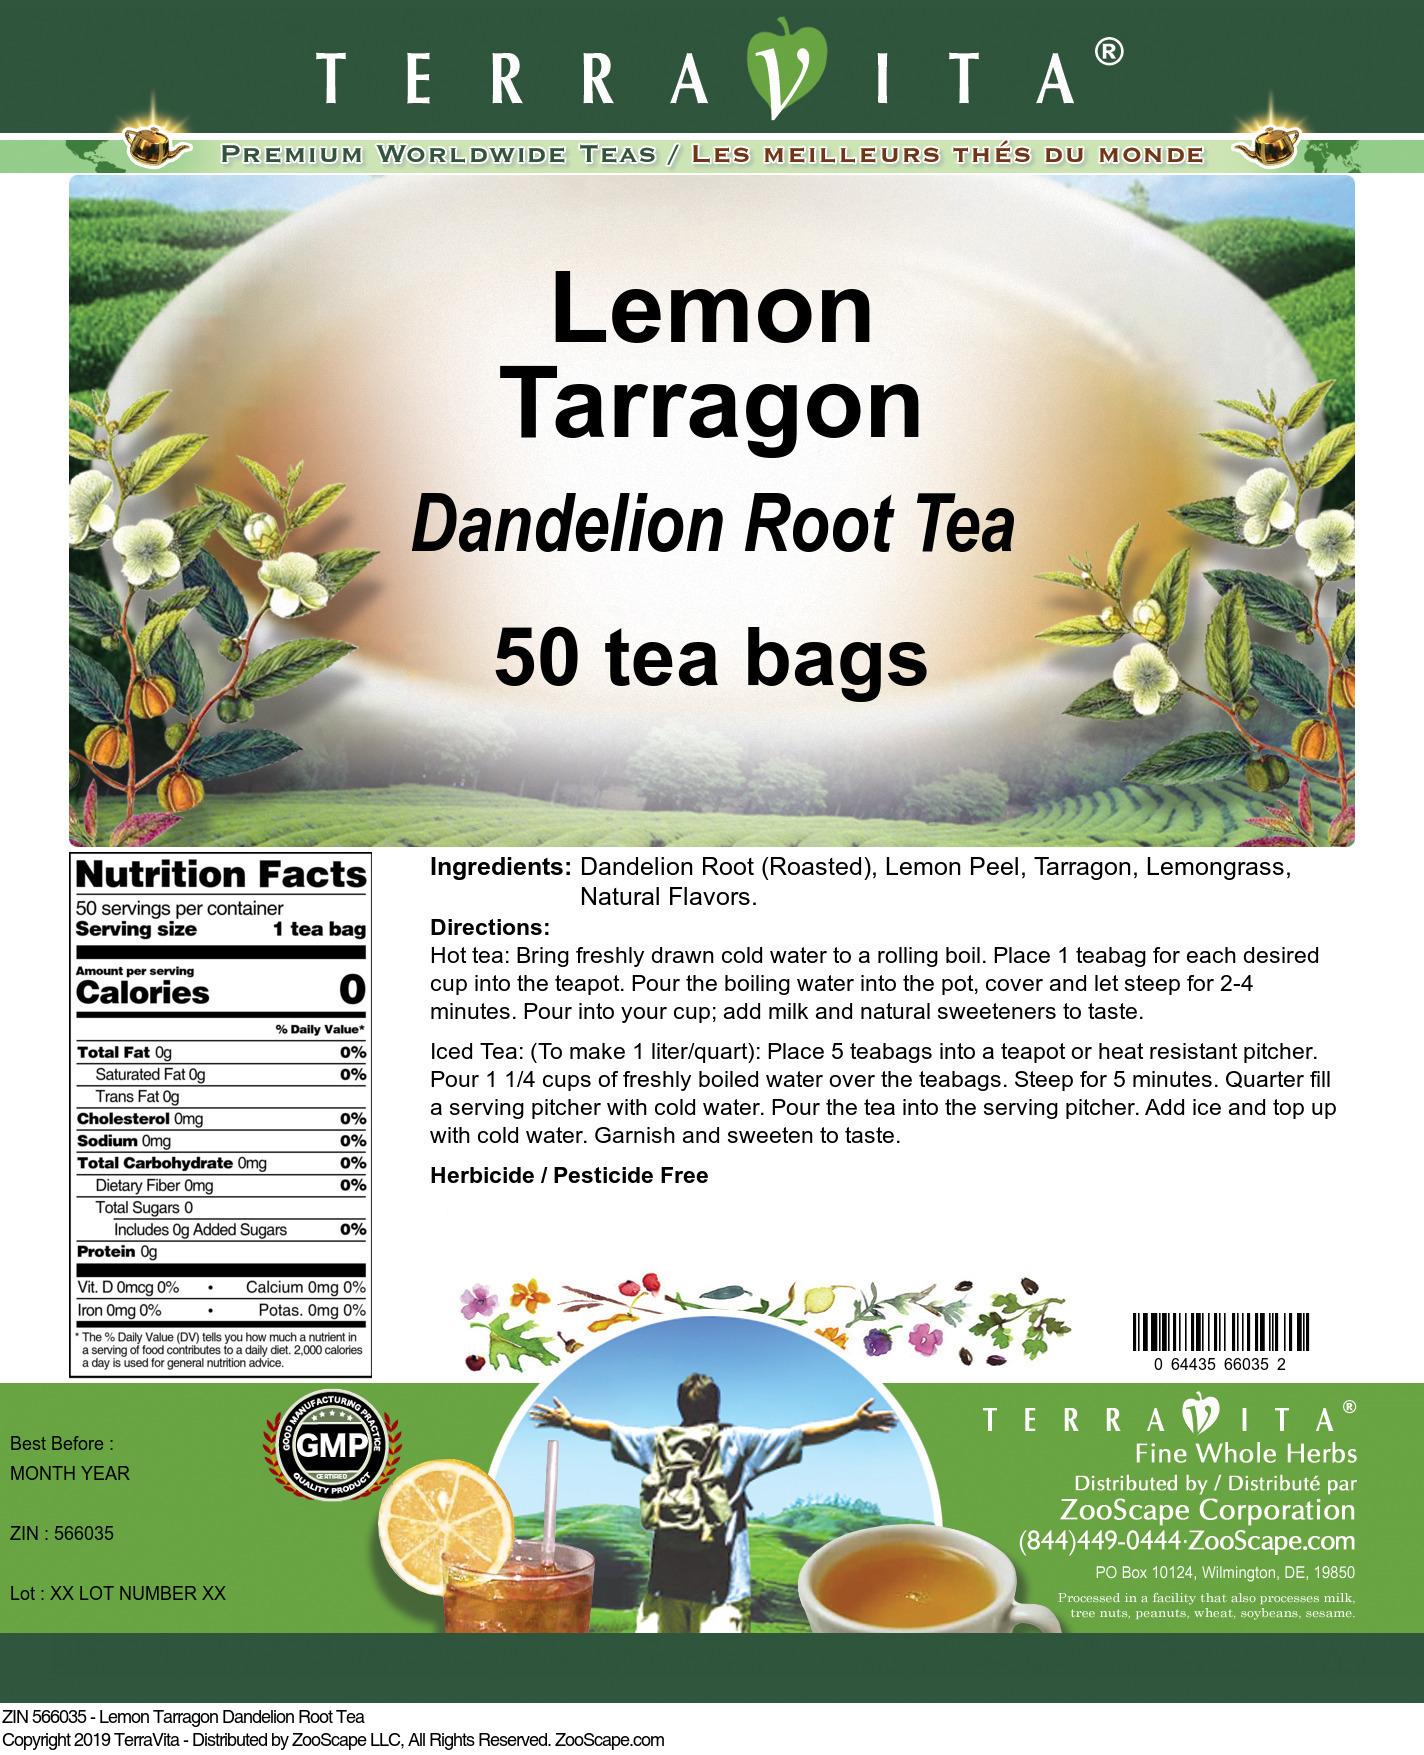 Lemon Tarragon Dandelion Root Tea